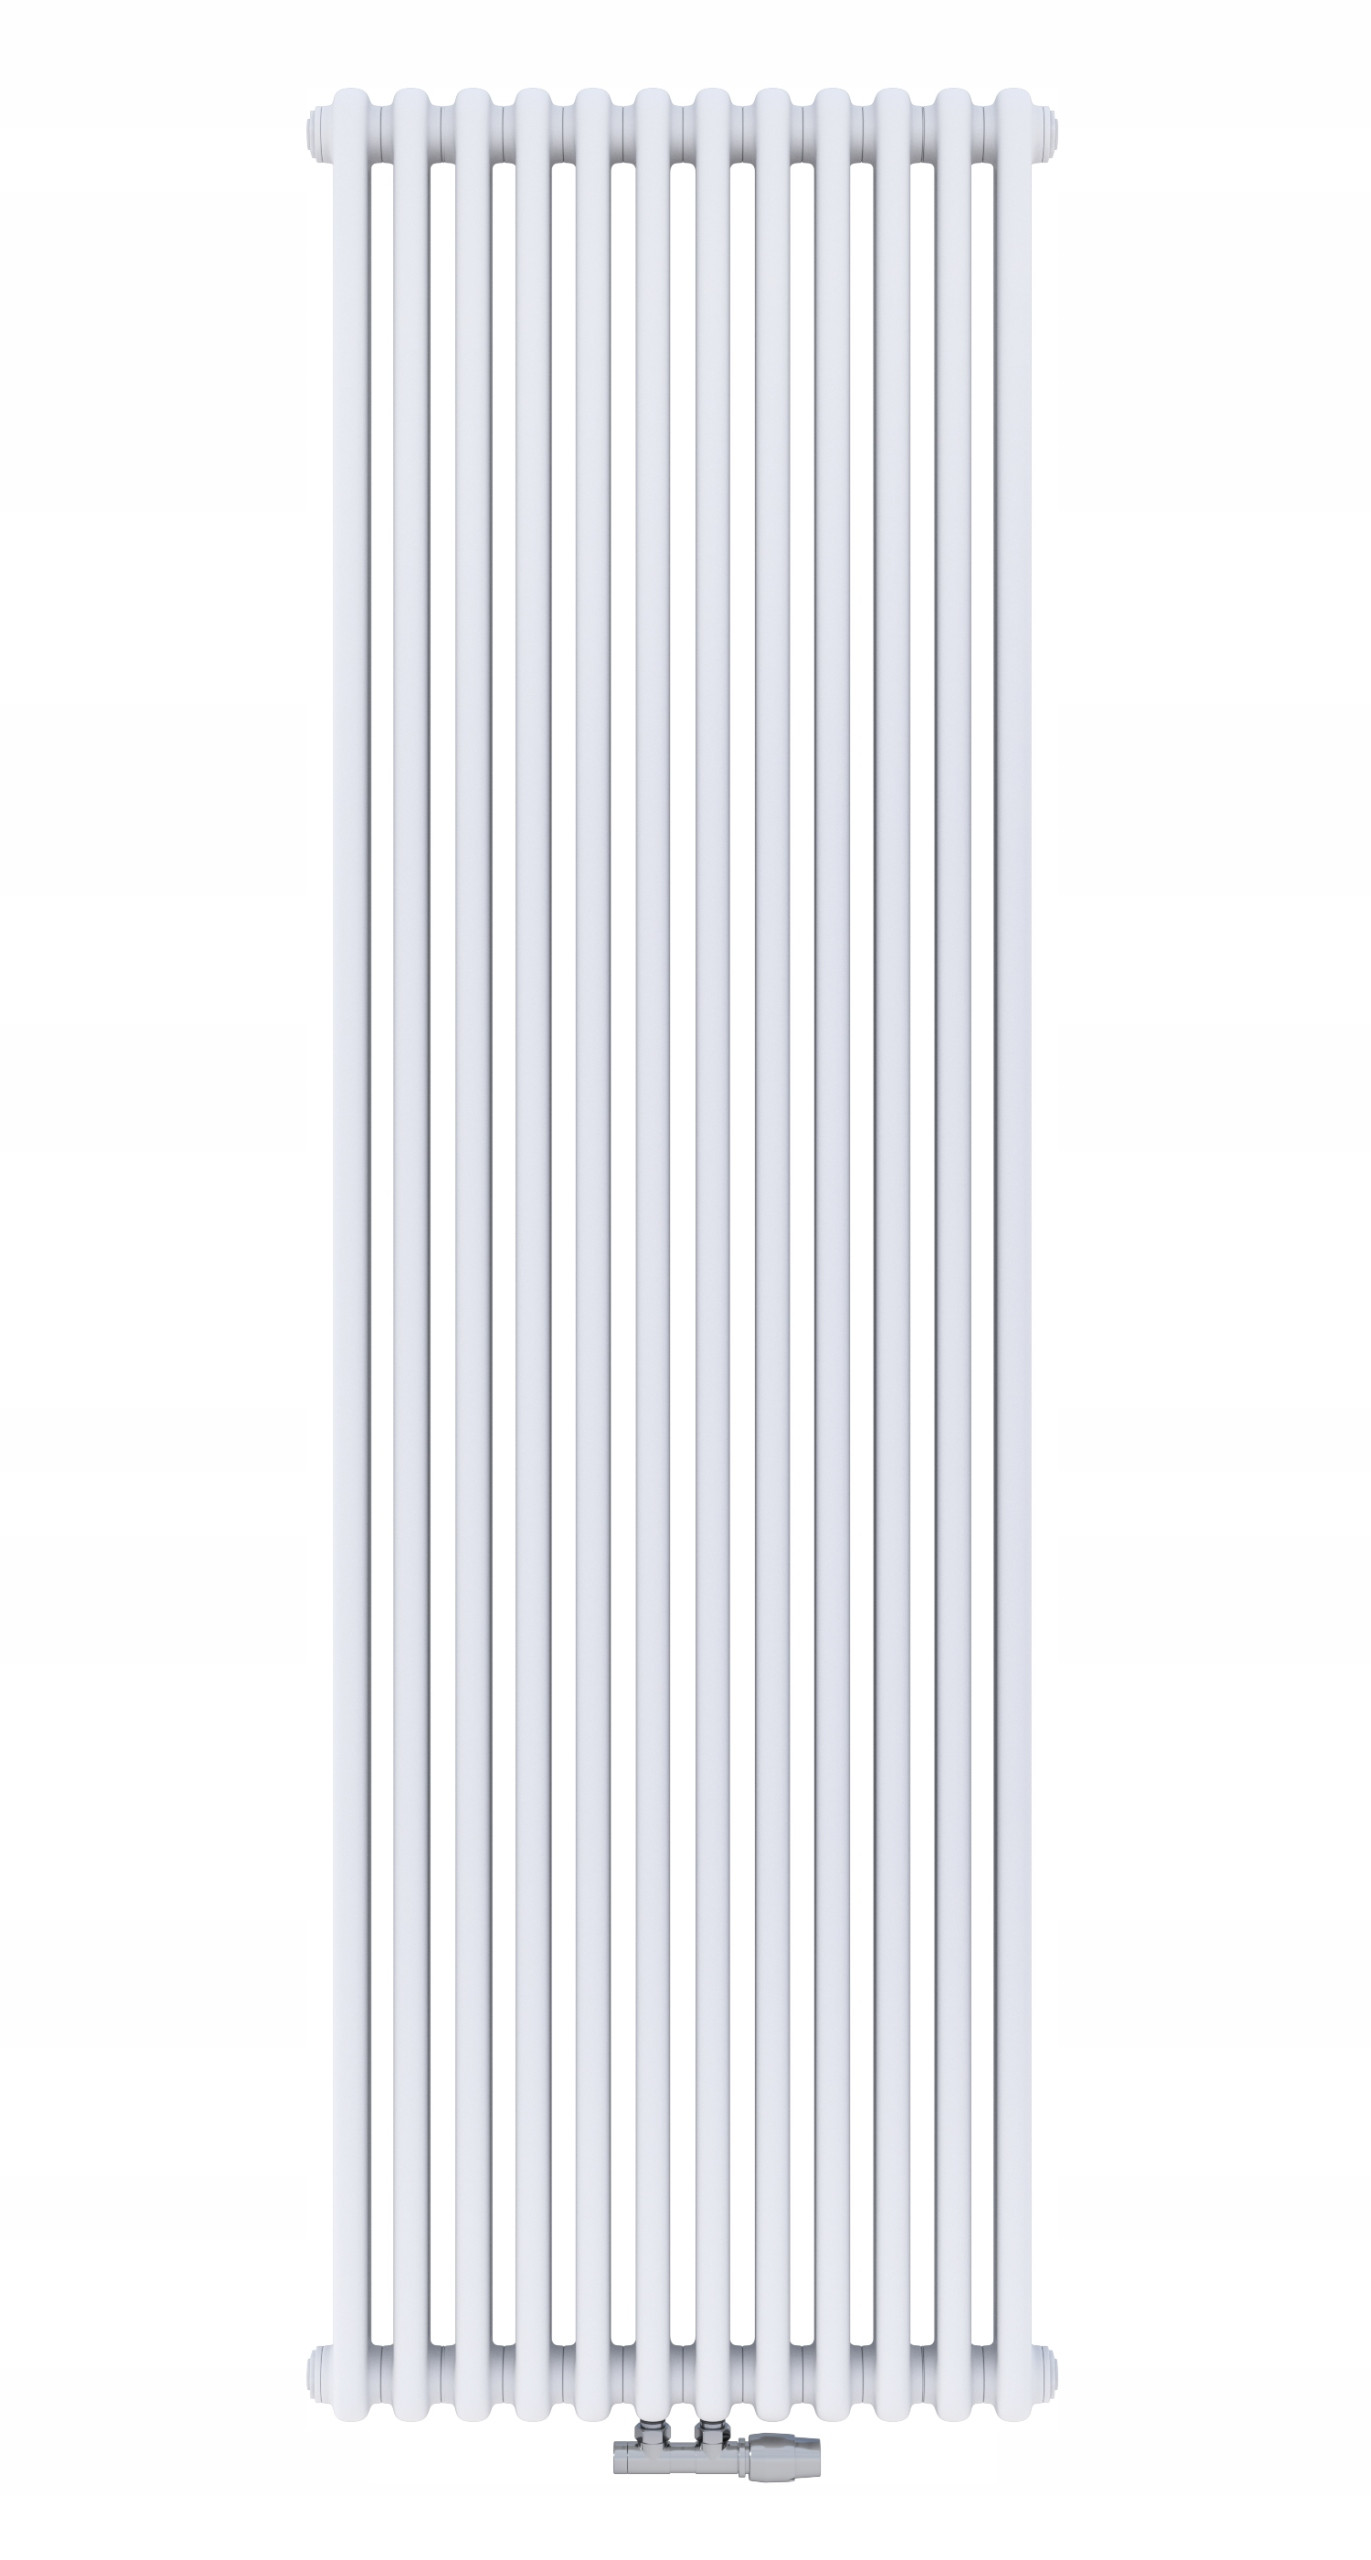 Štylizovaný radiátor TESI 3 RETRO WHITE 2027W